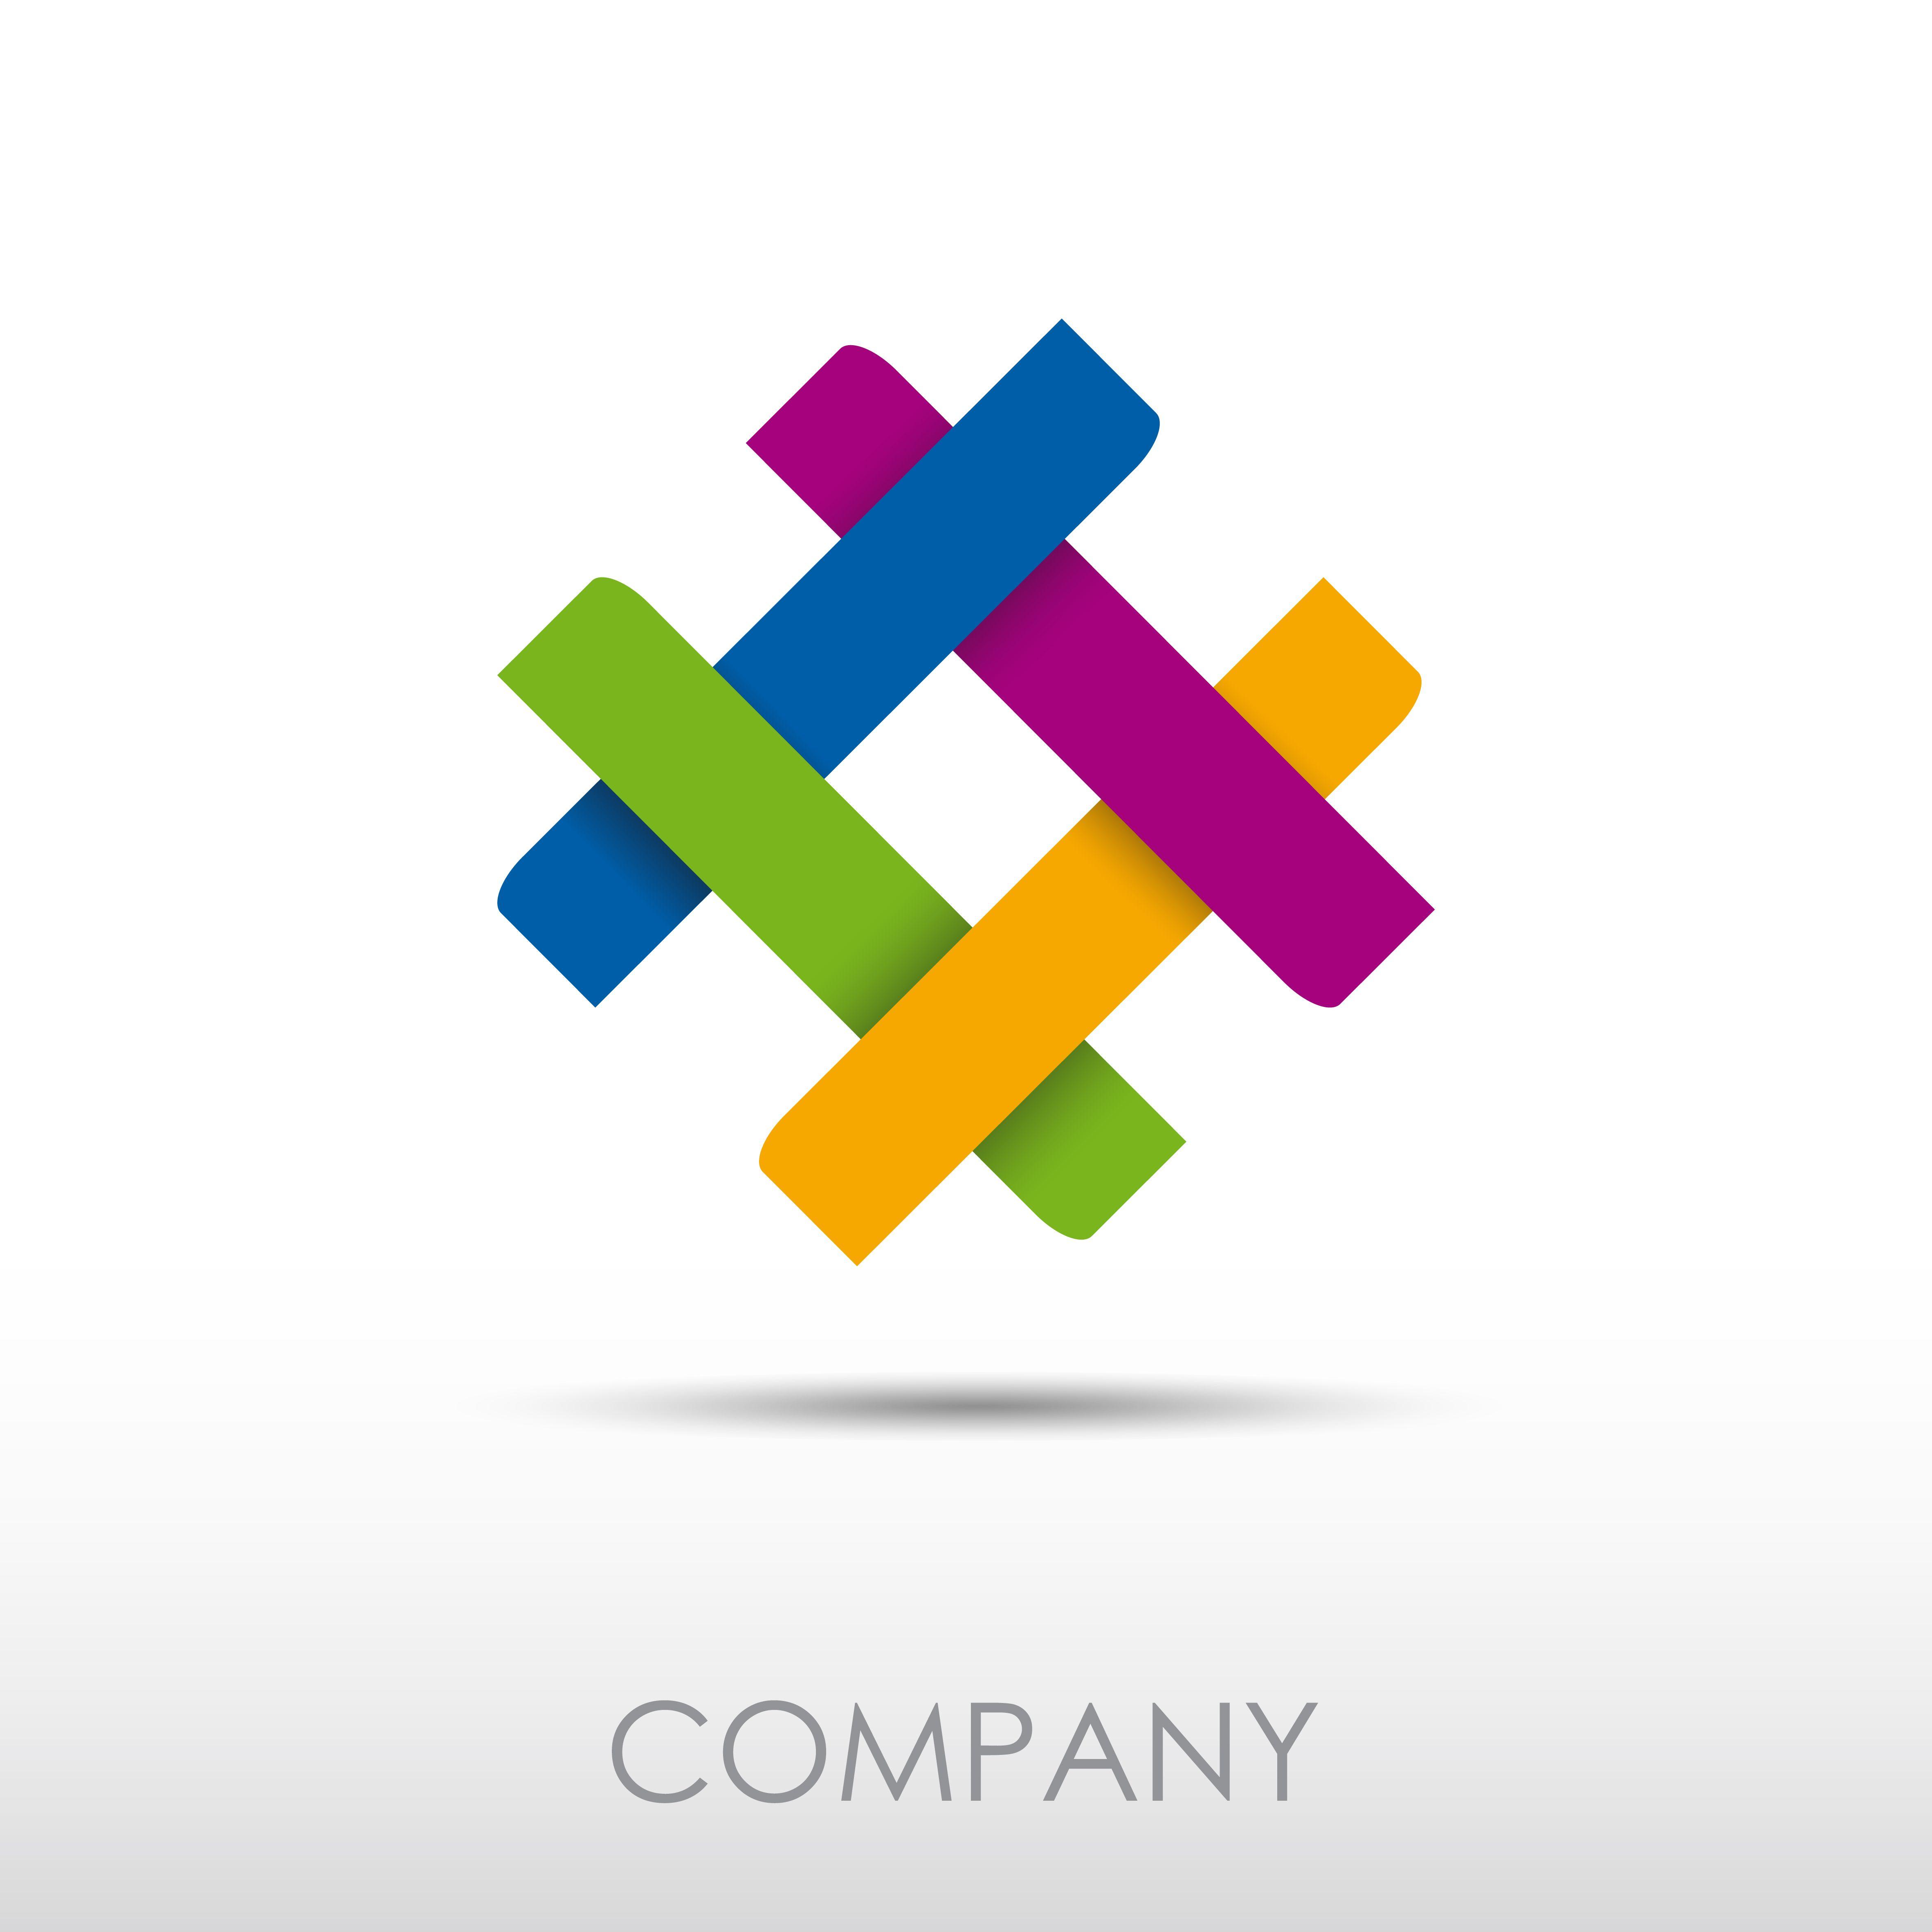 4724x4724 Pin By Nick Kelly On Nursing Logos Logos